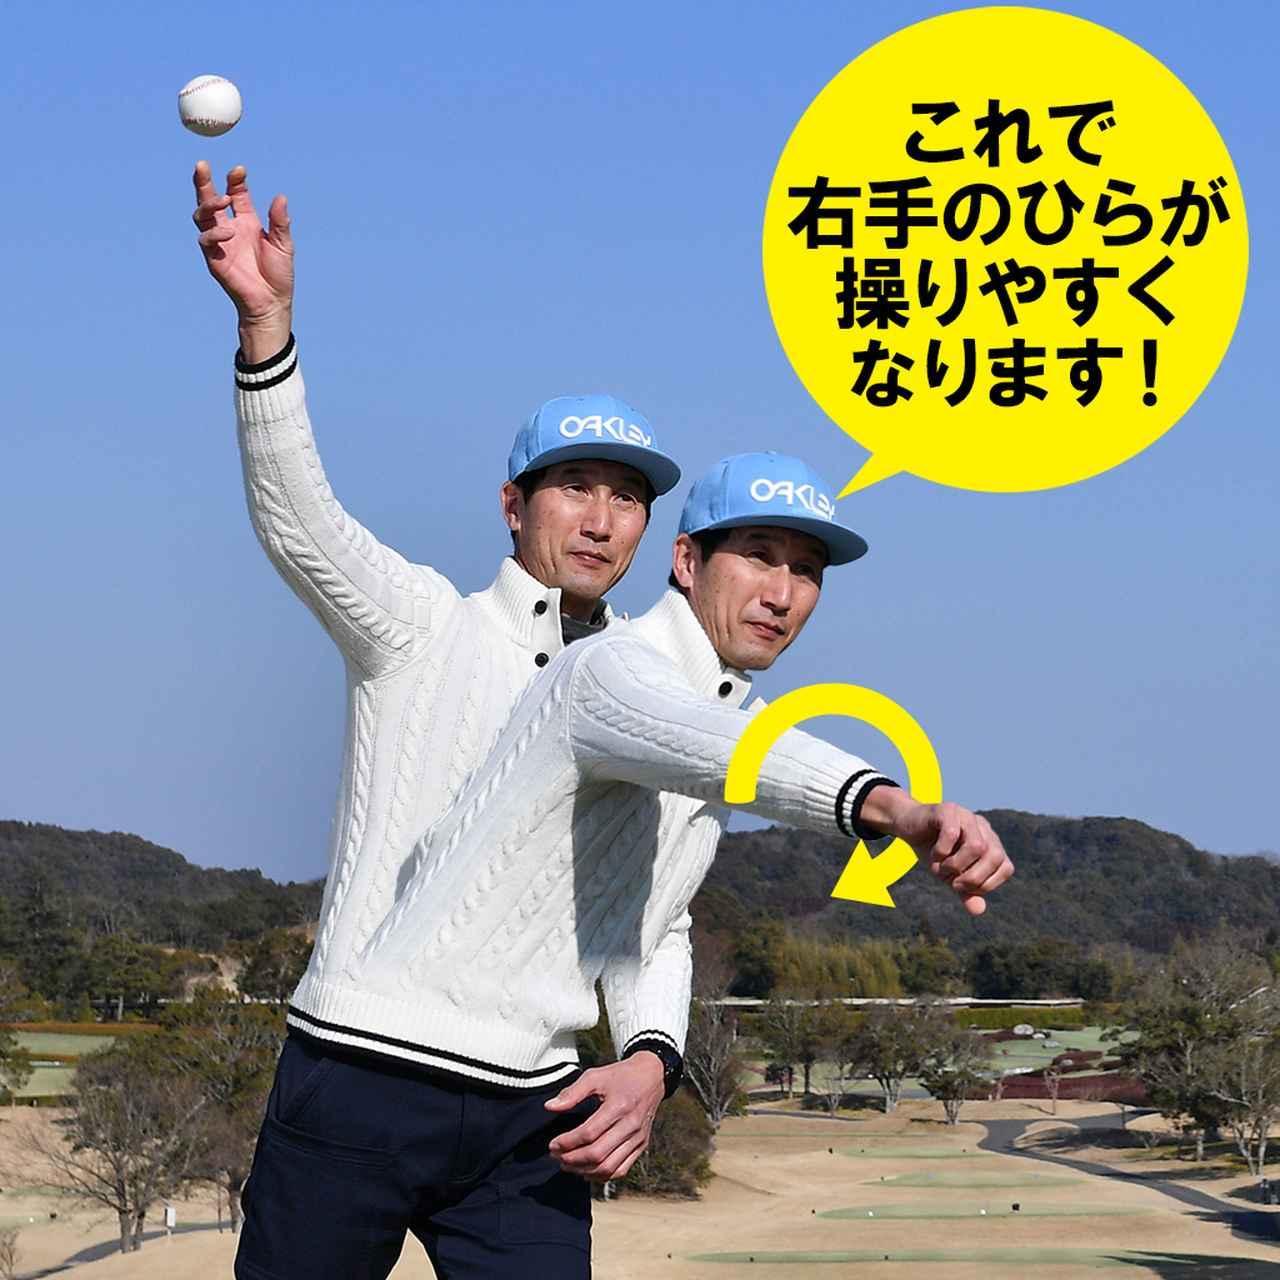 画像: 腕を内側にねじりながら振り下ろすのが正しい投球フォーム。正確性を確保しながら腕をより速く、力強く振り下ろすことができる。ゴルフスウィングも同じ。右腕の正しい使い方をマスターすると、球がコントロールしやすくなる